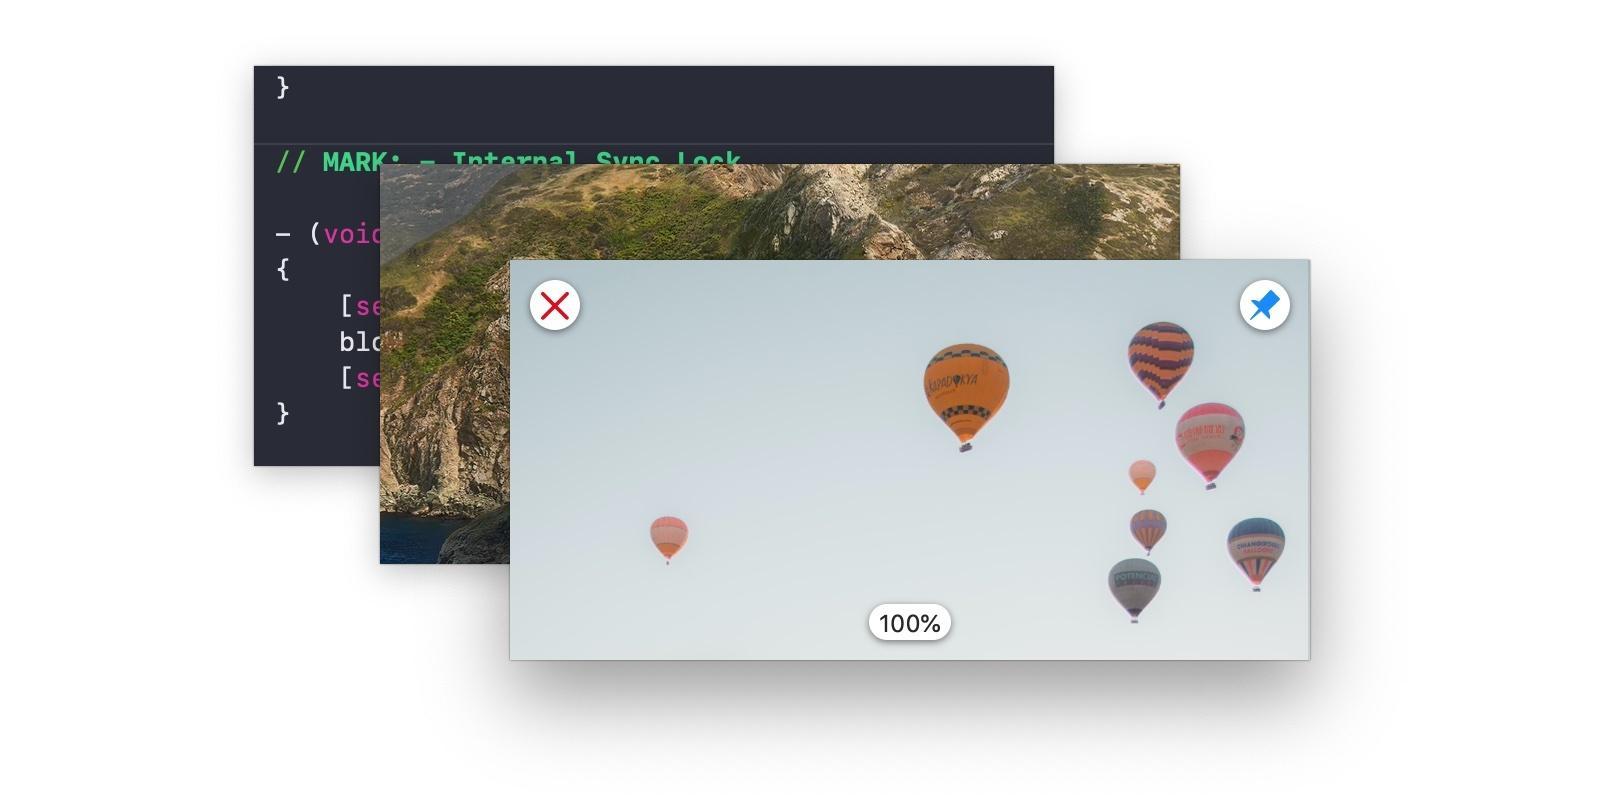 mac 截图技能大全以及分享一款好用的免费截图工具 Xnip的图片-高老四博客 第4张